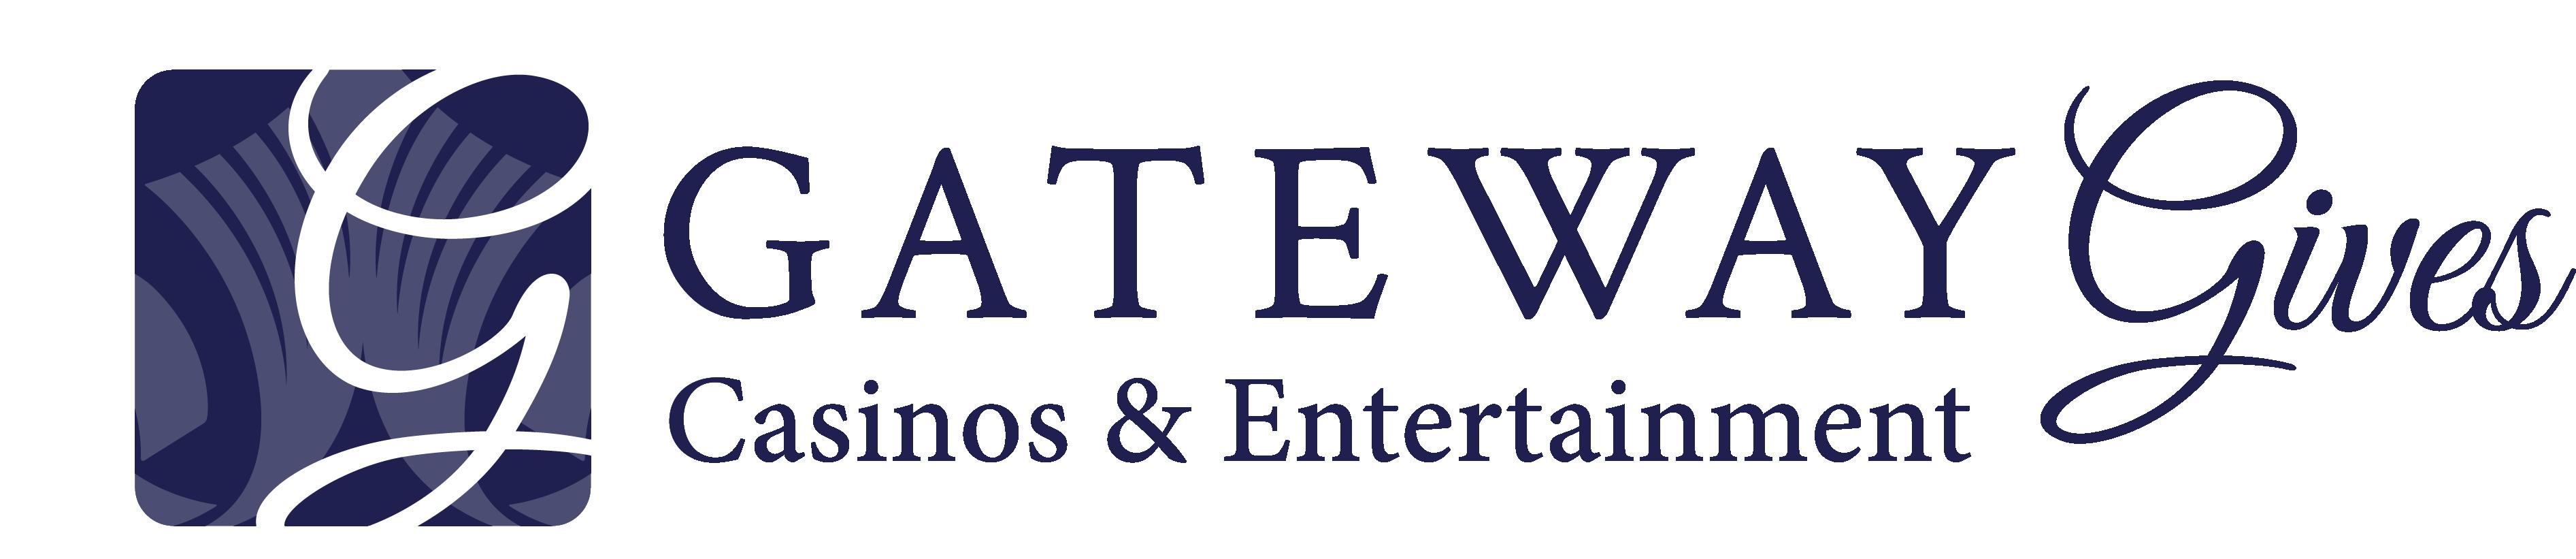 gateway gives_logo-cmyk